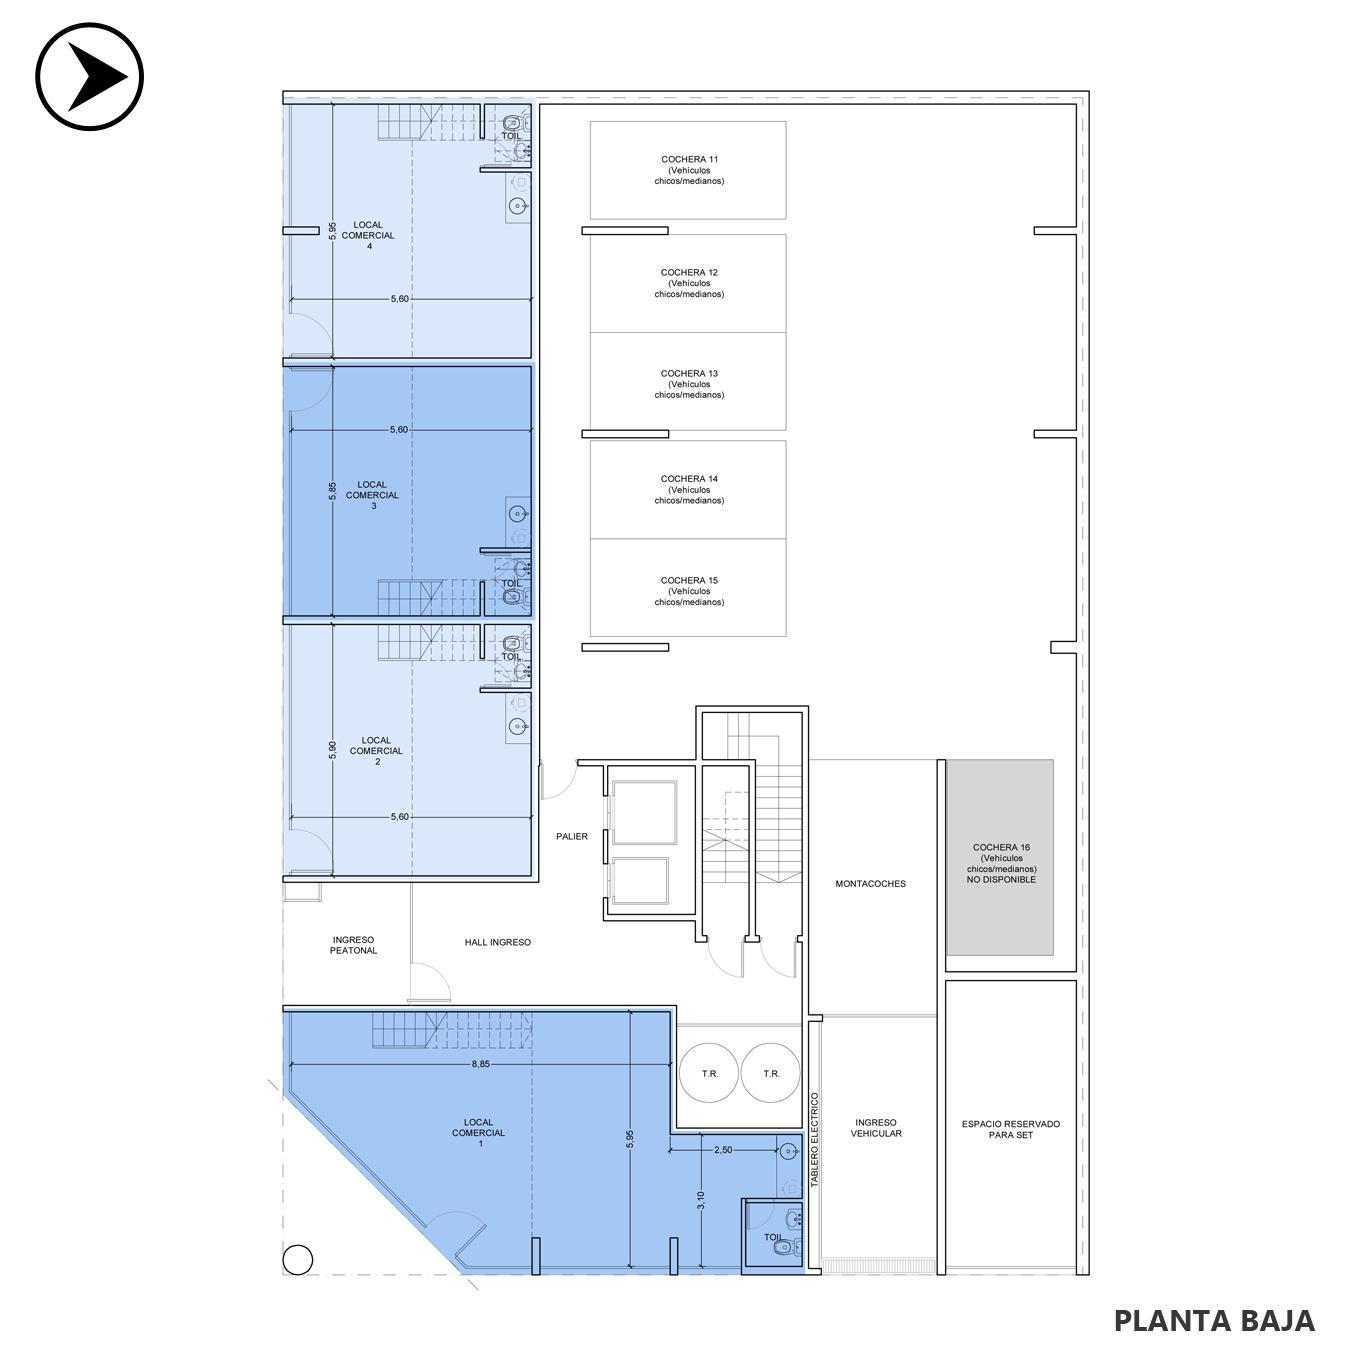 Venta departamento 2 dormitorios Rosario, República De La Sexta. Cod CBU24602 AP2291022. Crestale Propiedades